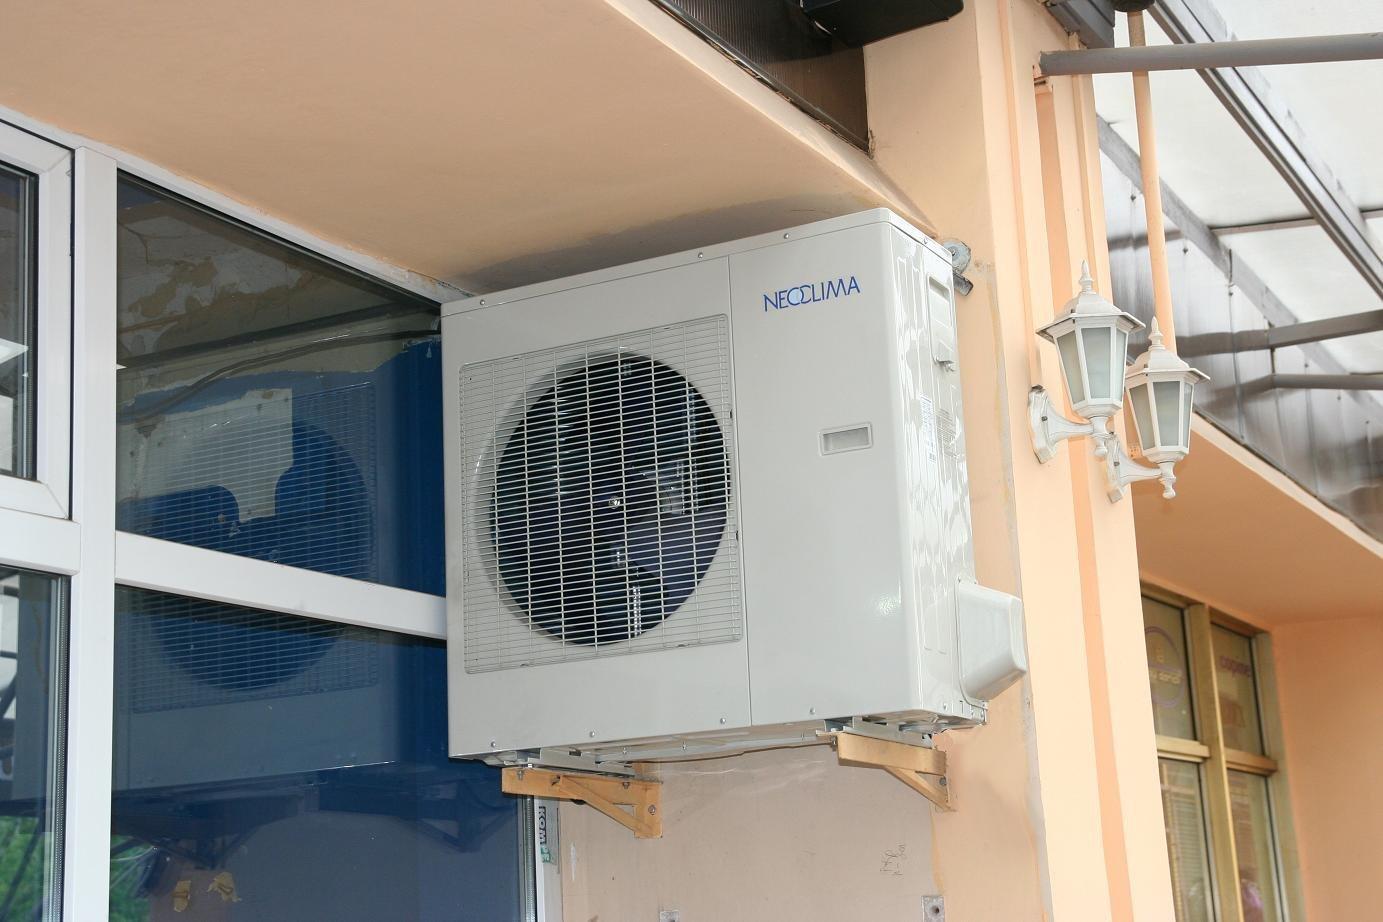 ЦБ поддерживает импортозамещение и предлагает экономить на климатической технике